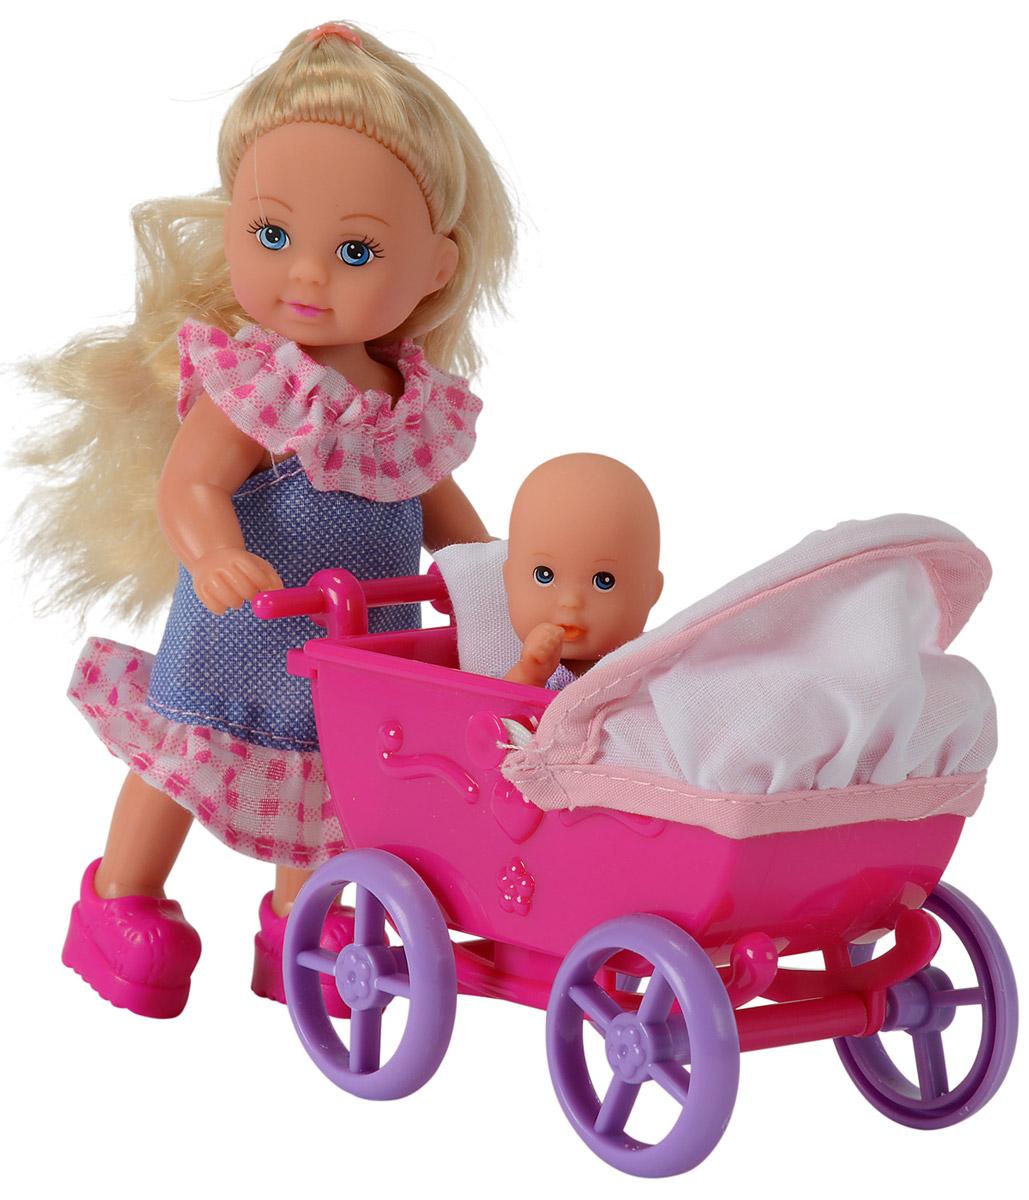 Simba Кукла Еви в платье с малышом5736241Игровой набор Simba Еви с малышом порадует любую девочку и надолго увлечет ее. Для прогулки со своим малышом у куклы есть все необходимое: удобная коляска, одеяло, подушка, игрушки и погремушки. Еви очень любит гулять с младенцем. Она одета в стильное летнее платье и розовые ботиночки. Вашей дочурке непременно понравится заплетать длинные белокурые волосы куклы, придумывая разнообразные прически. Руки, ноги и голова куклы подвижны, благодаря чему ей можно придавать разнообразные позы. Игры с куклой способствуют эмоциональному развитию, помогают формировать воображение и художественный вкус, а также разовьют в вашей малышке чувство ответственности и заботы. Великолепное качество исполнения делают эту куколку чудесным подарком к любому празднику.